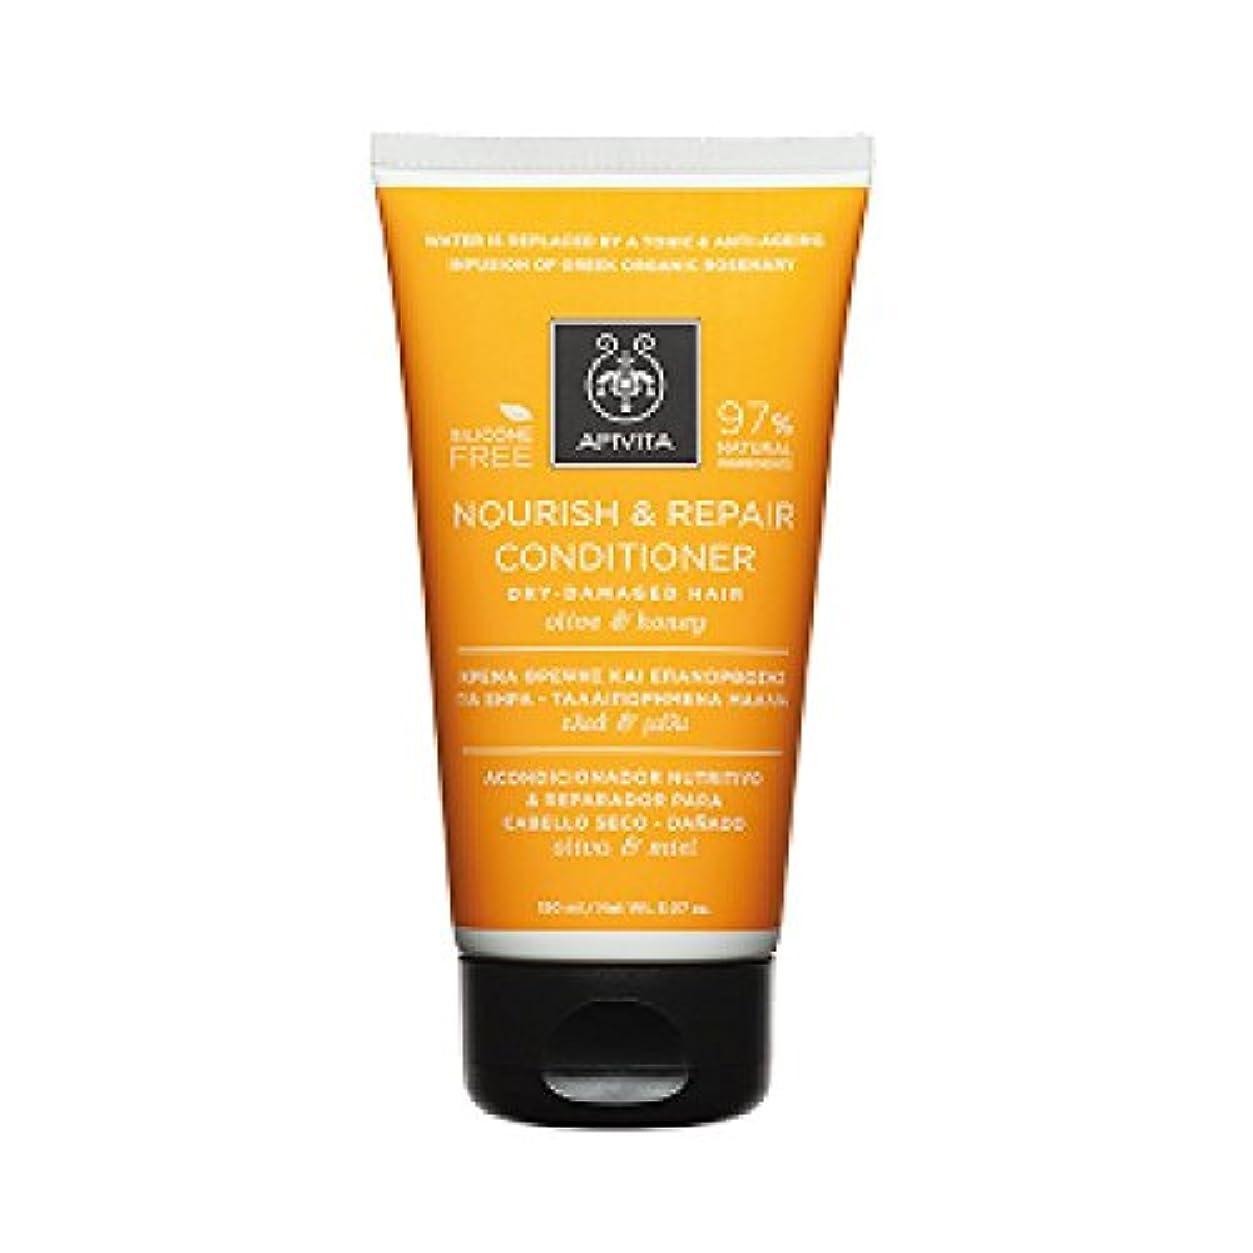 アルファベット反応する皮アピヴィータ Nourish & Repair Conditioner with Olive & Honey (For Dry-Damaged Hair) 150ml [並行輸入品]